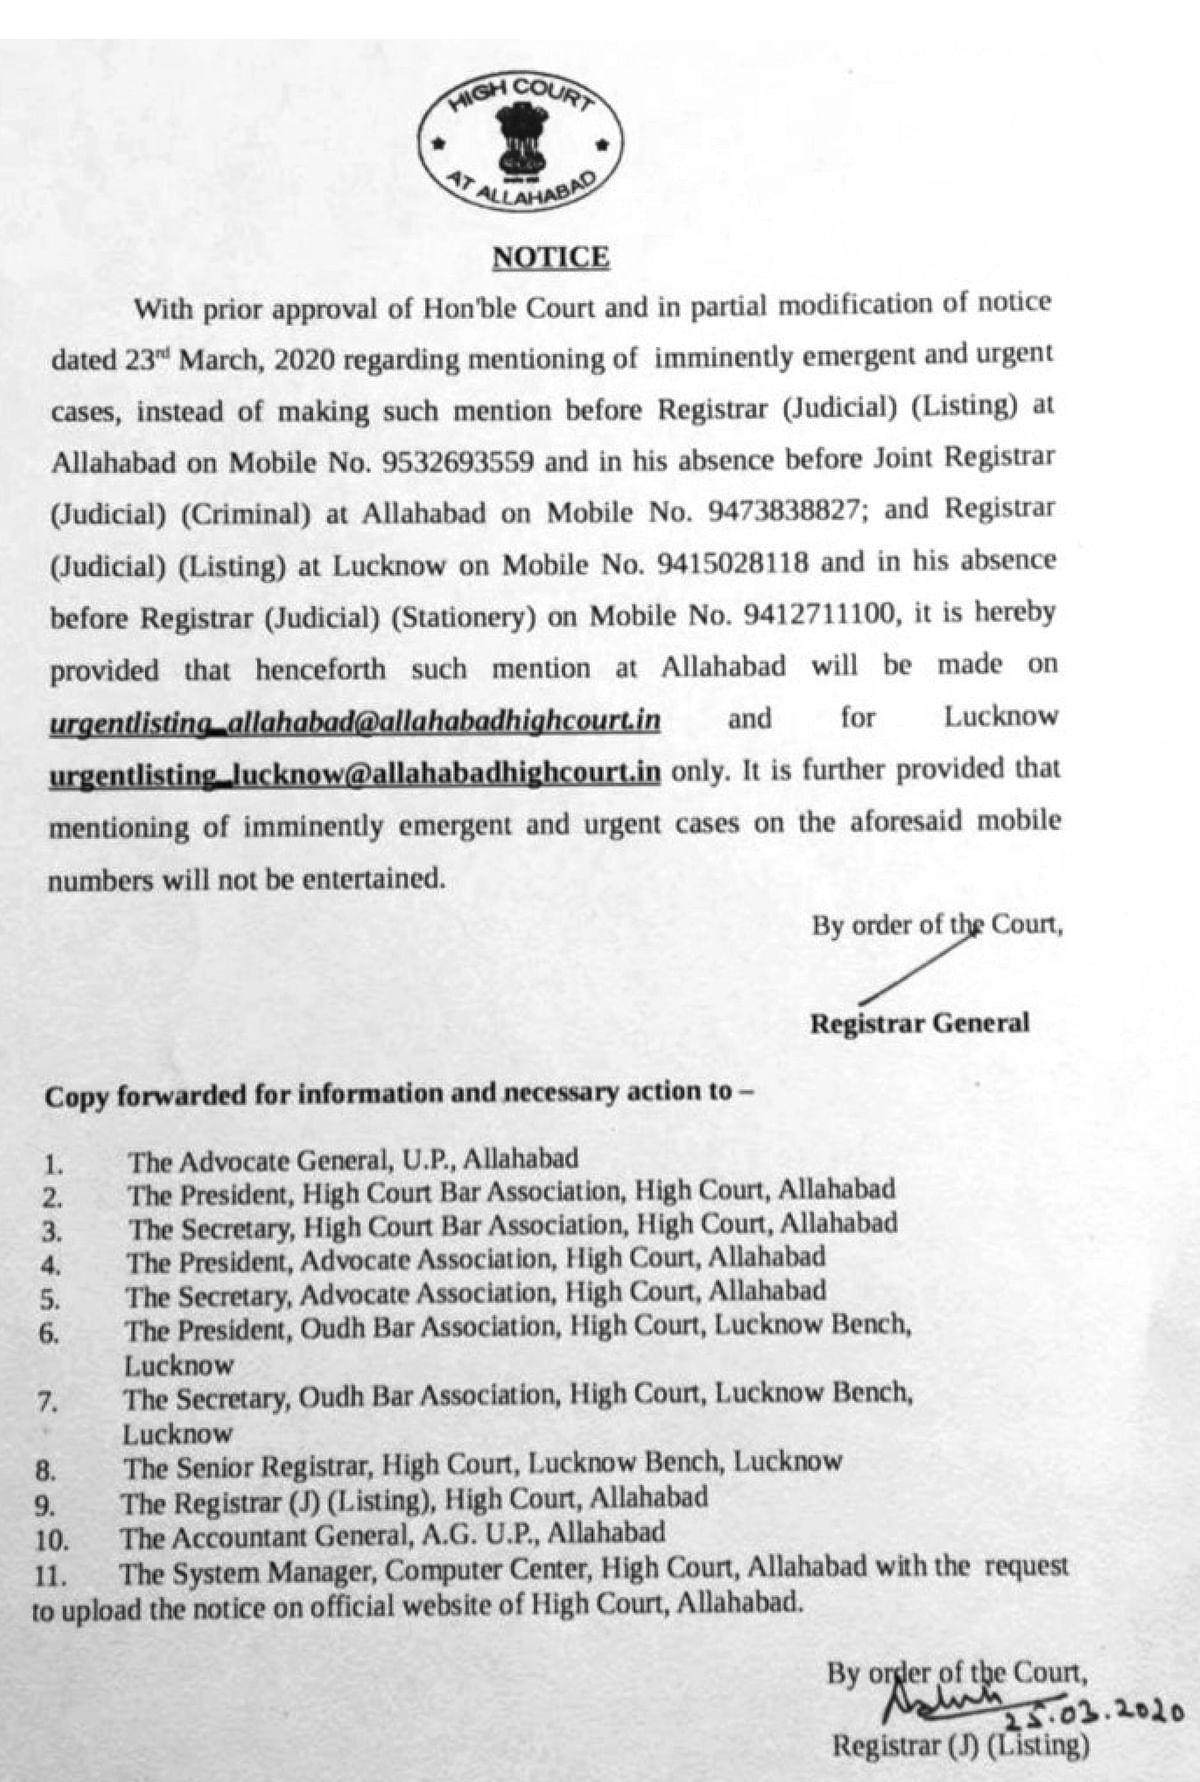 Notice regarding mentioning of cases during closure period